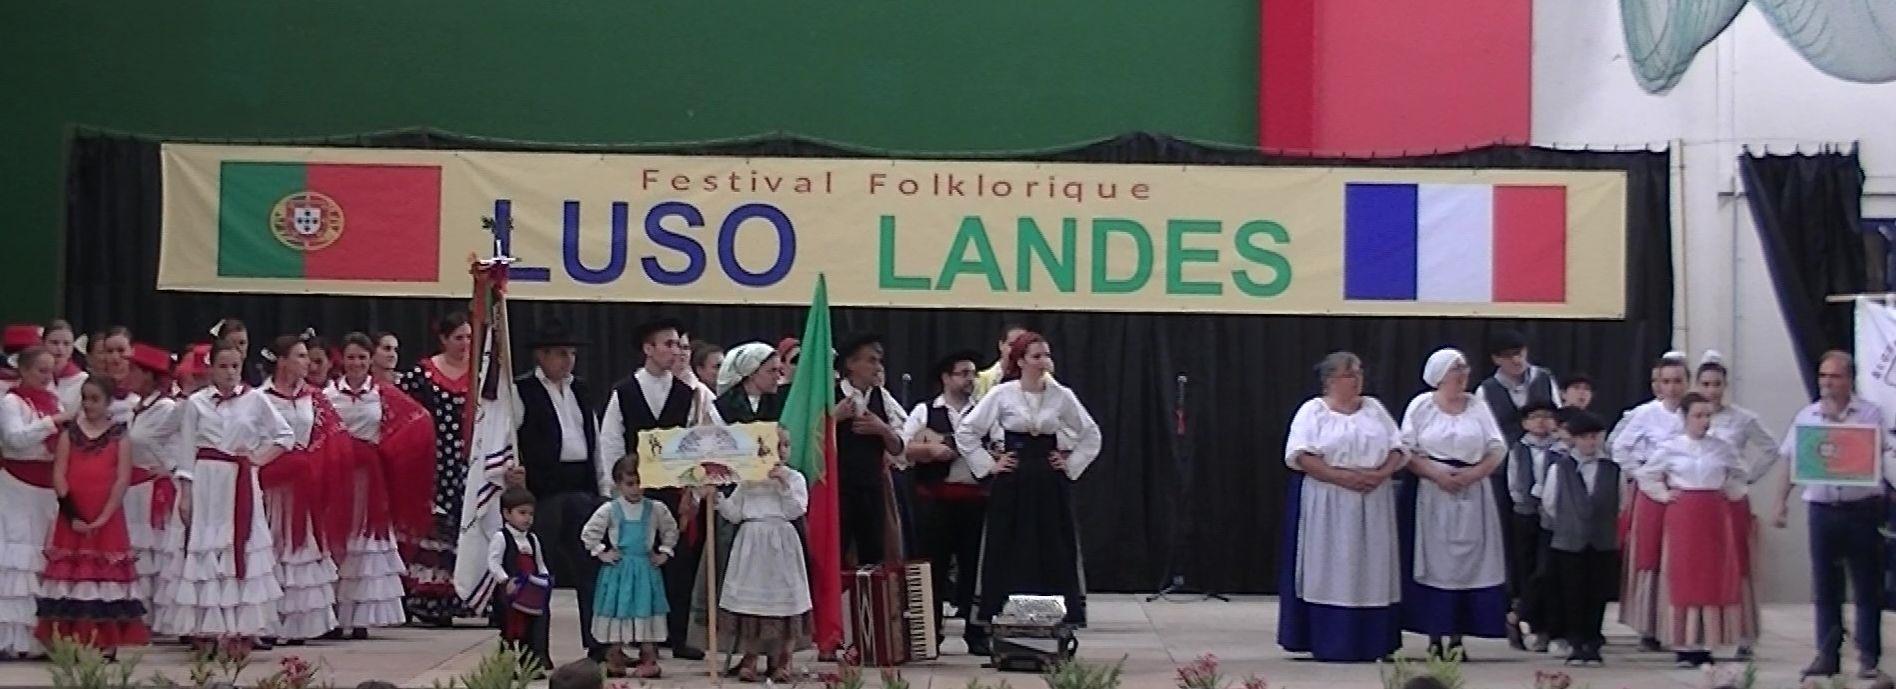 Coloriste St Martin De Seignanx 6ème festival folklorique luso landes em saint martin-de